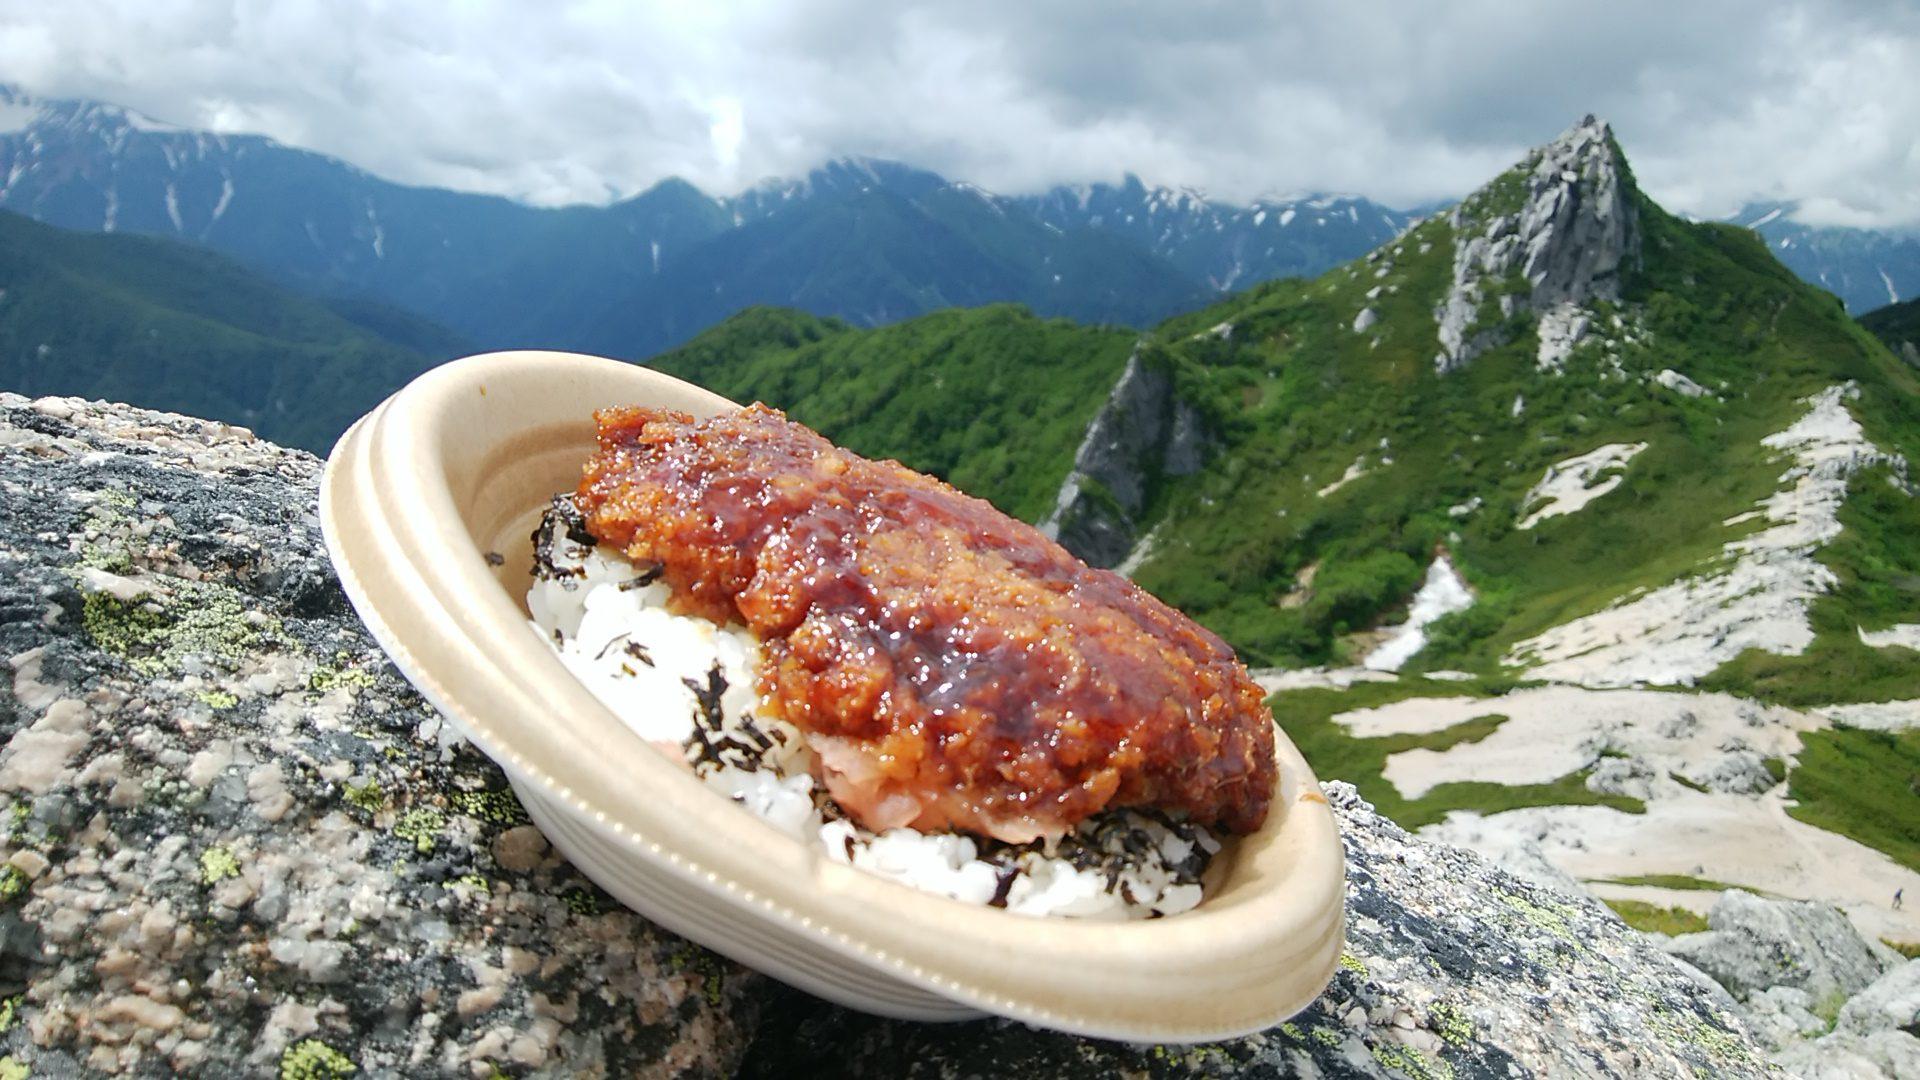 山で食べる飯は格別だが、その裏にはたくさんの危険もある